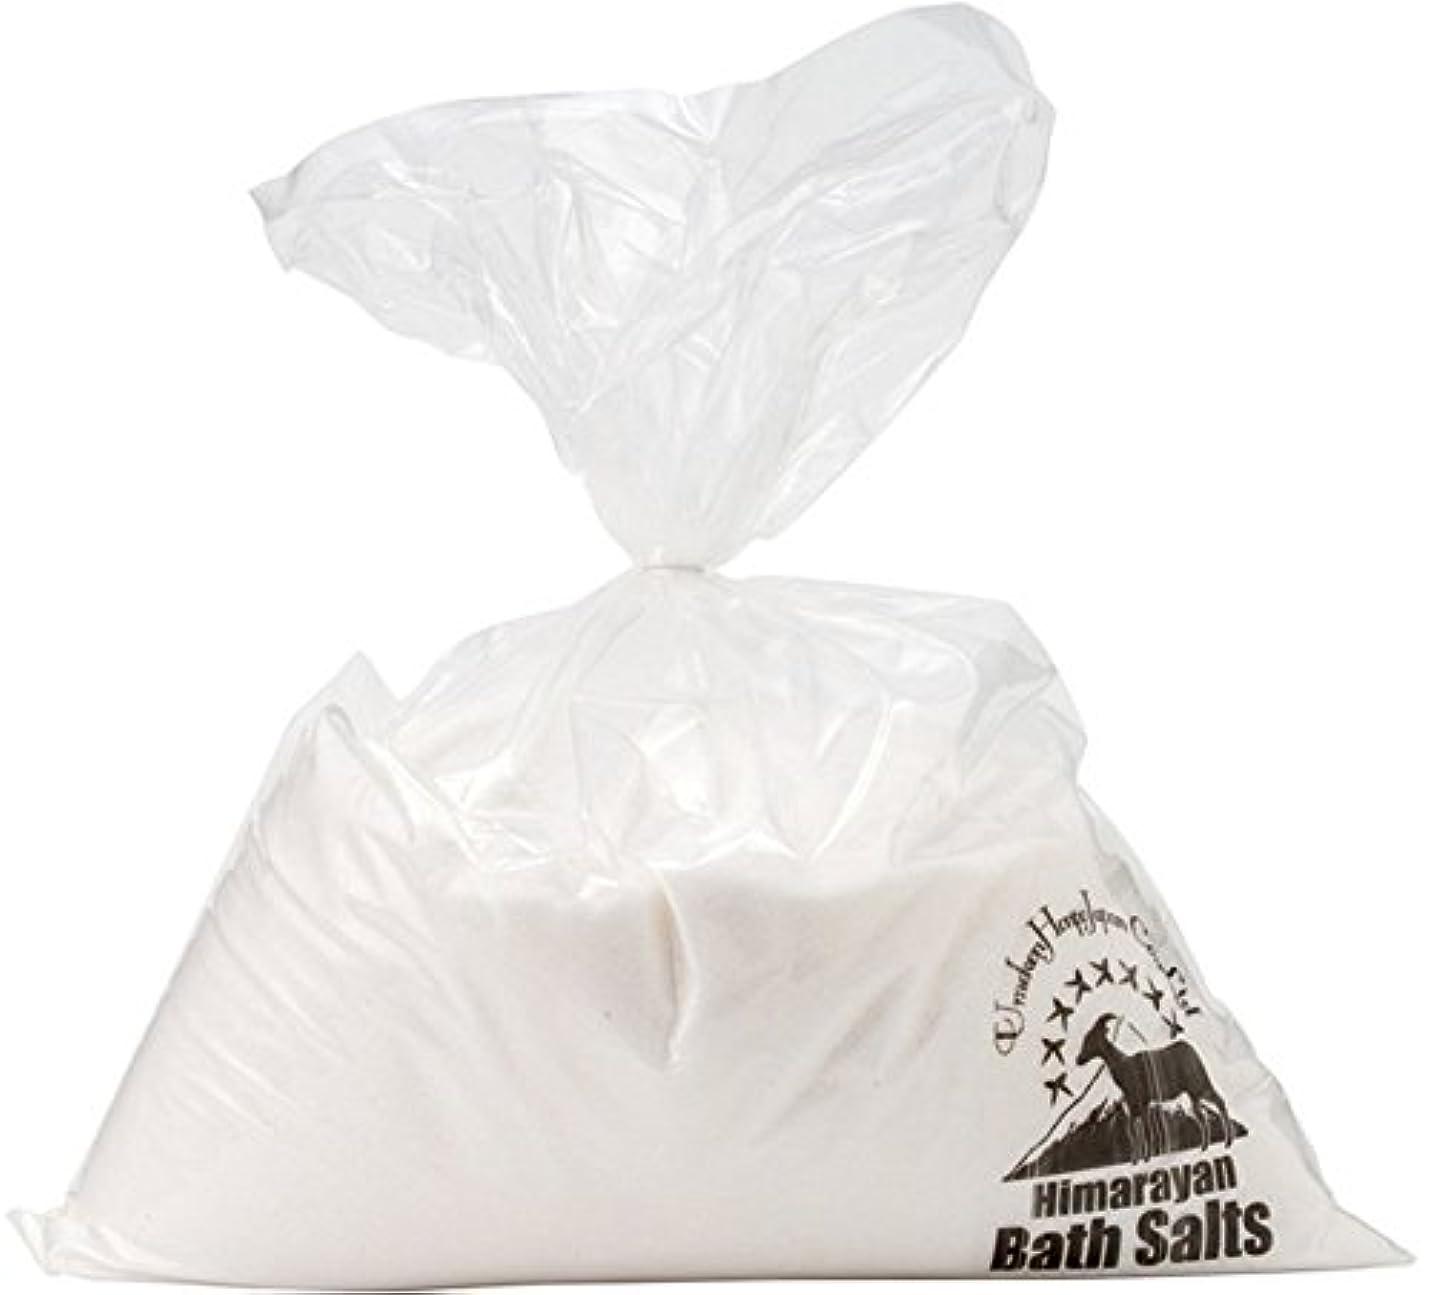 疑問に思う輝くエネルギーヒマラヤ岩塩 バスソルト ホワイト あら塩 10kg